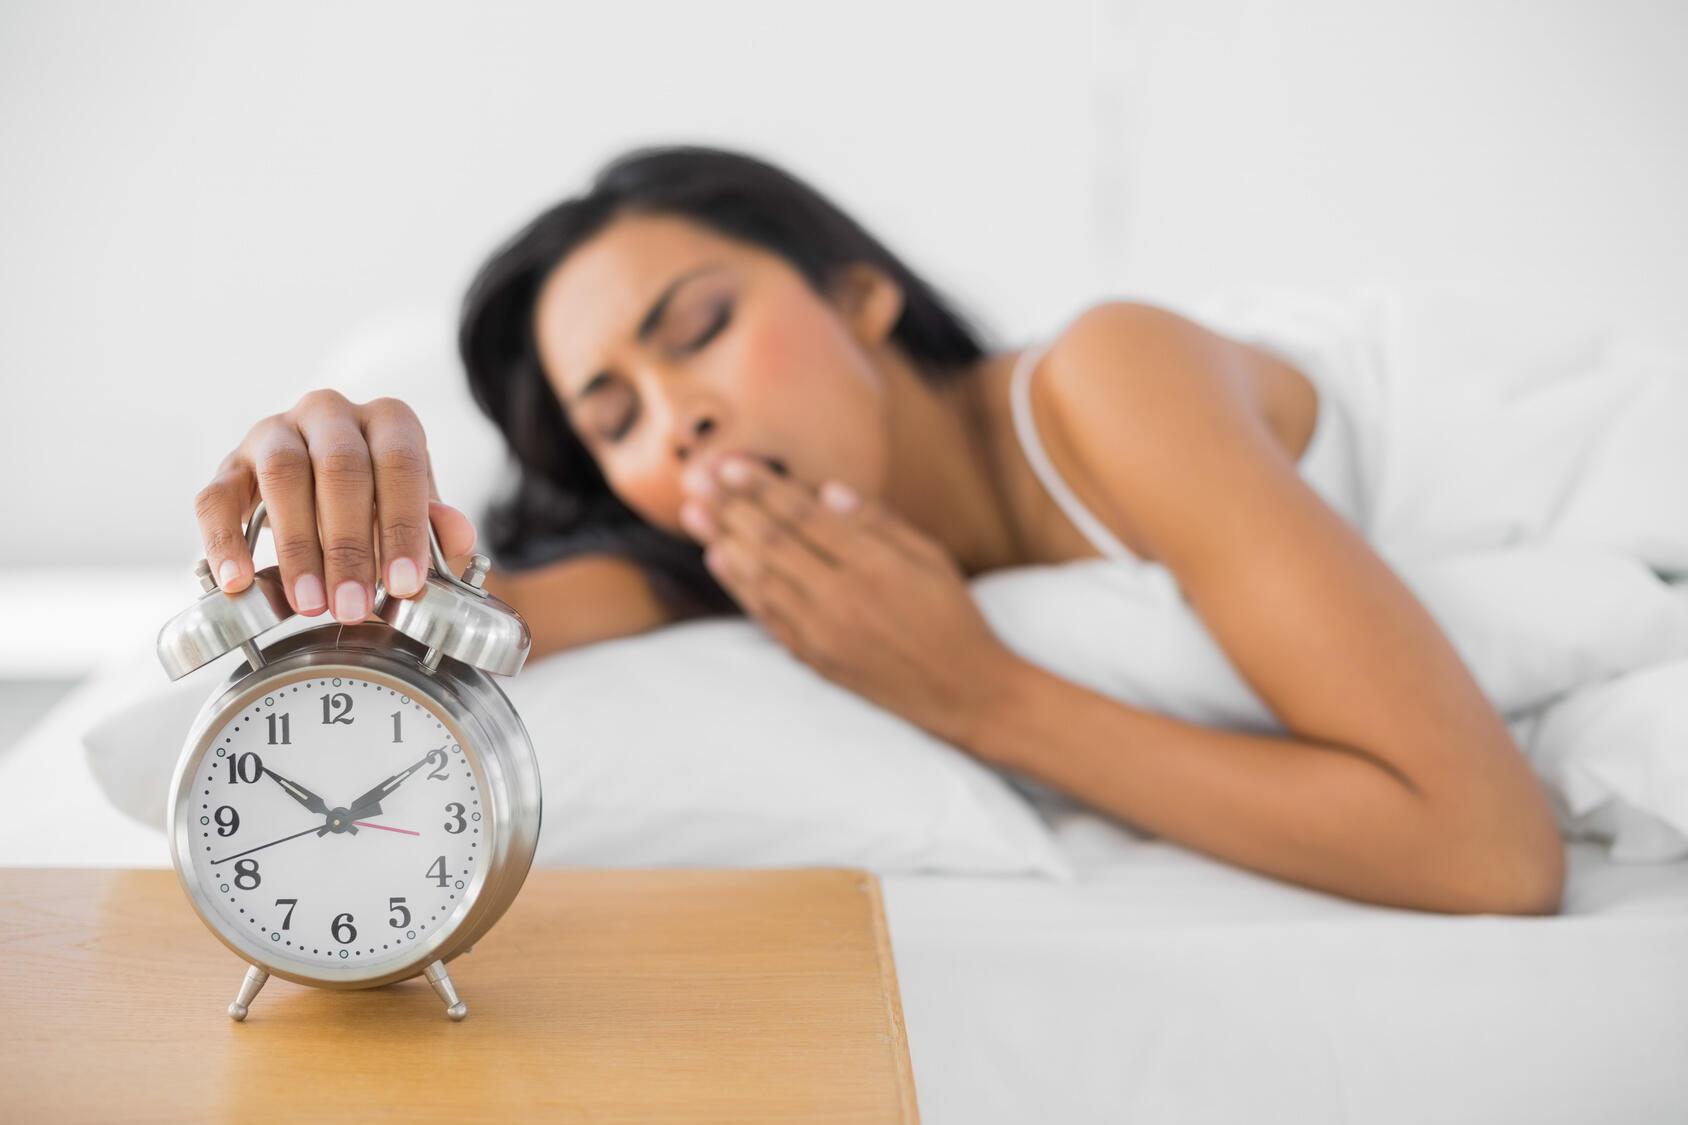 Az Uyku Kadınları Şişmanlatıyor